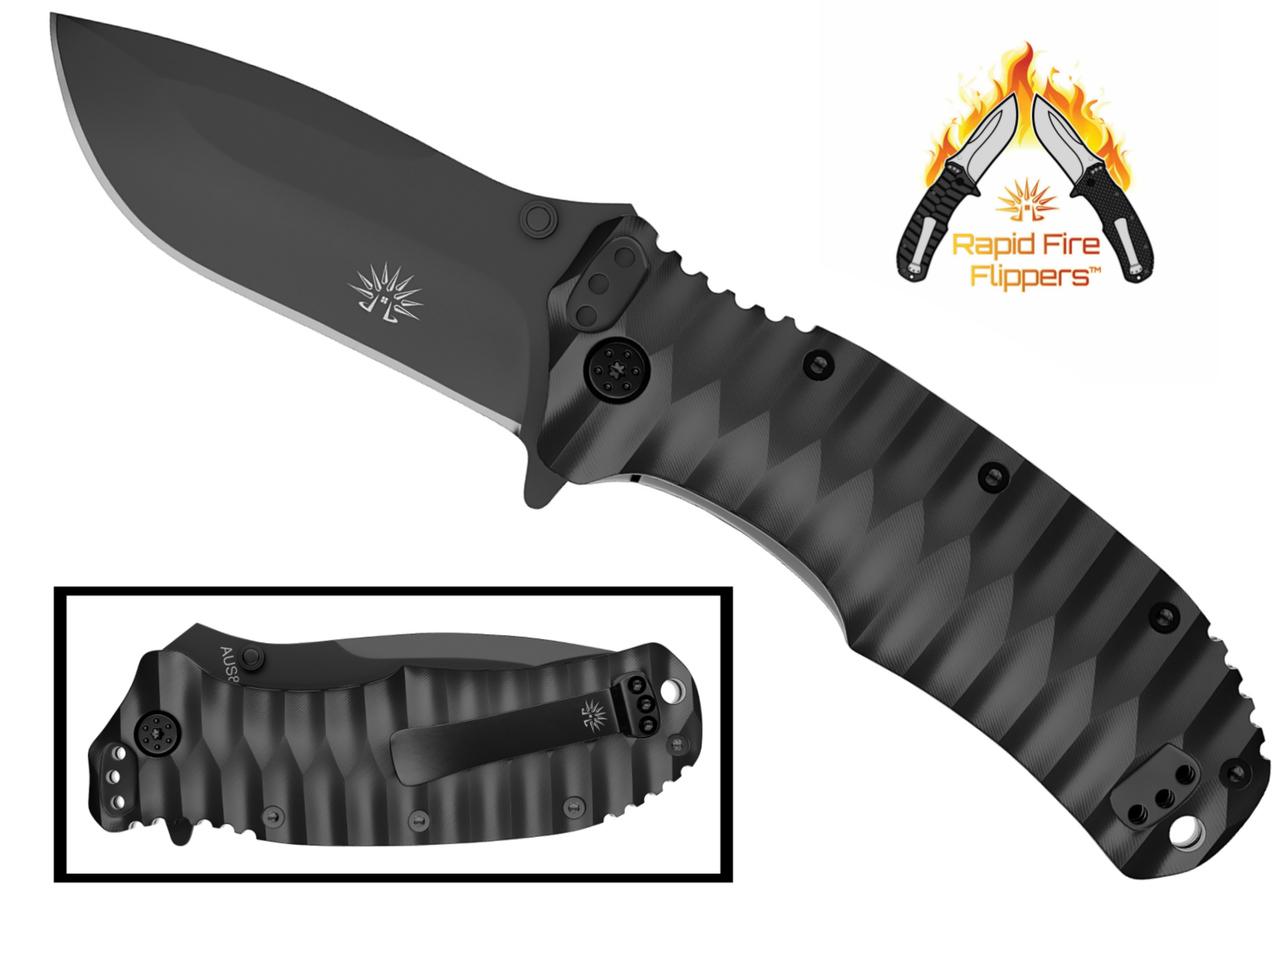 cleaver-flipper-knife-for-sale-online.jpg